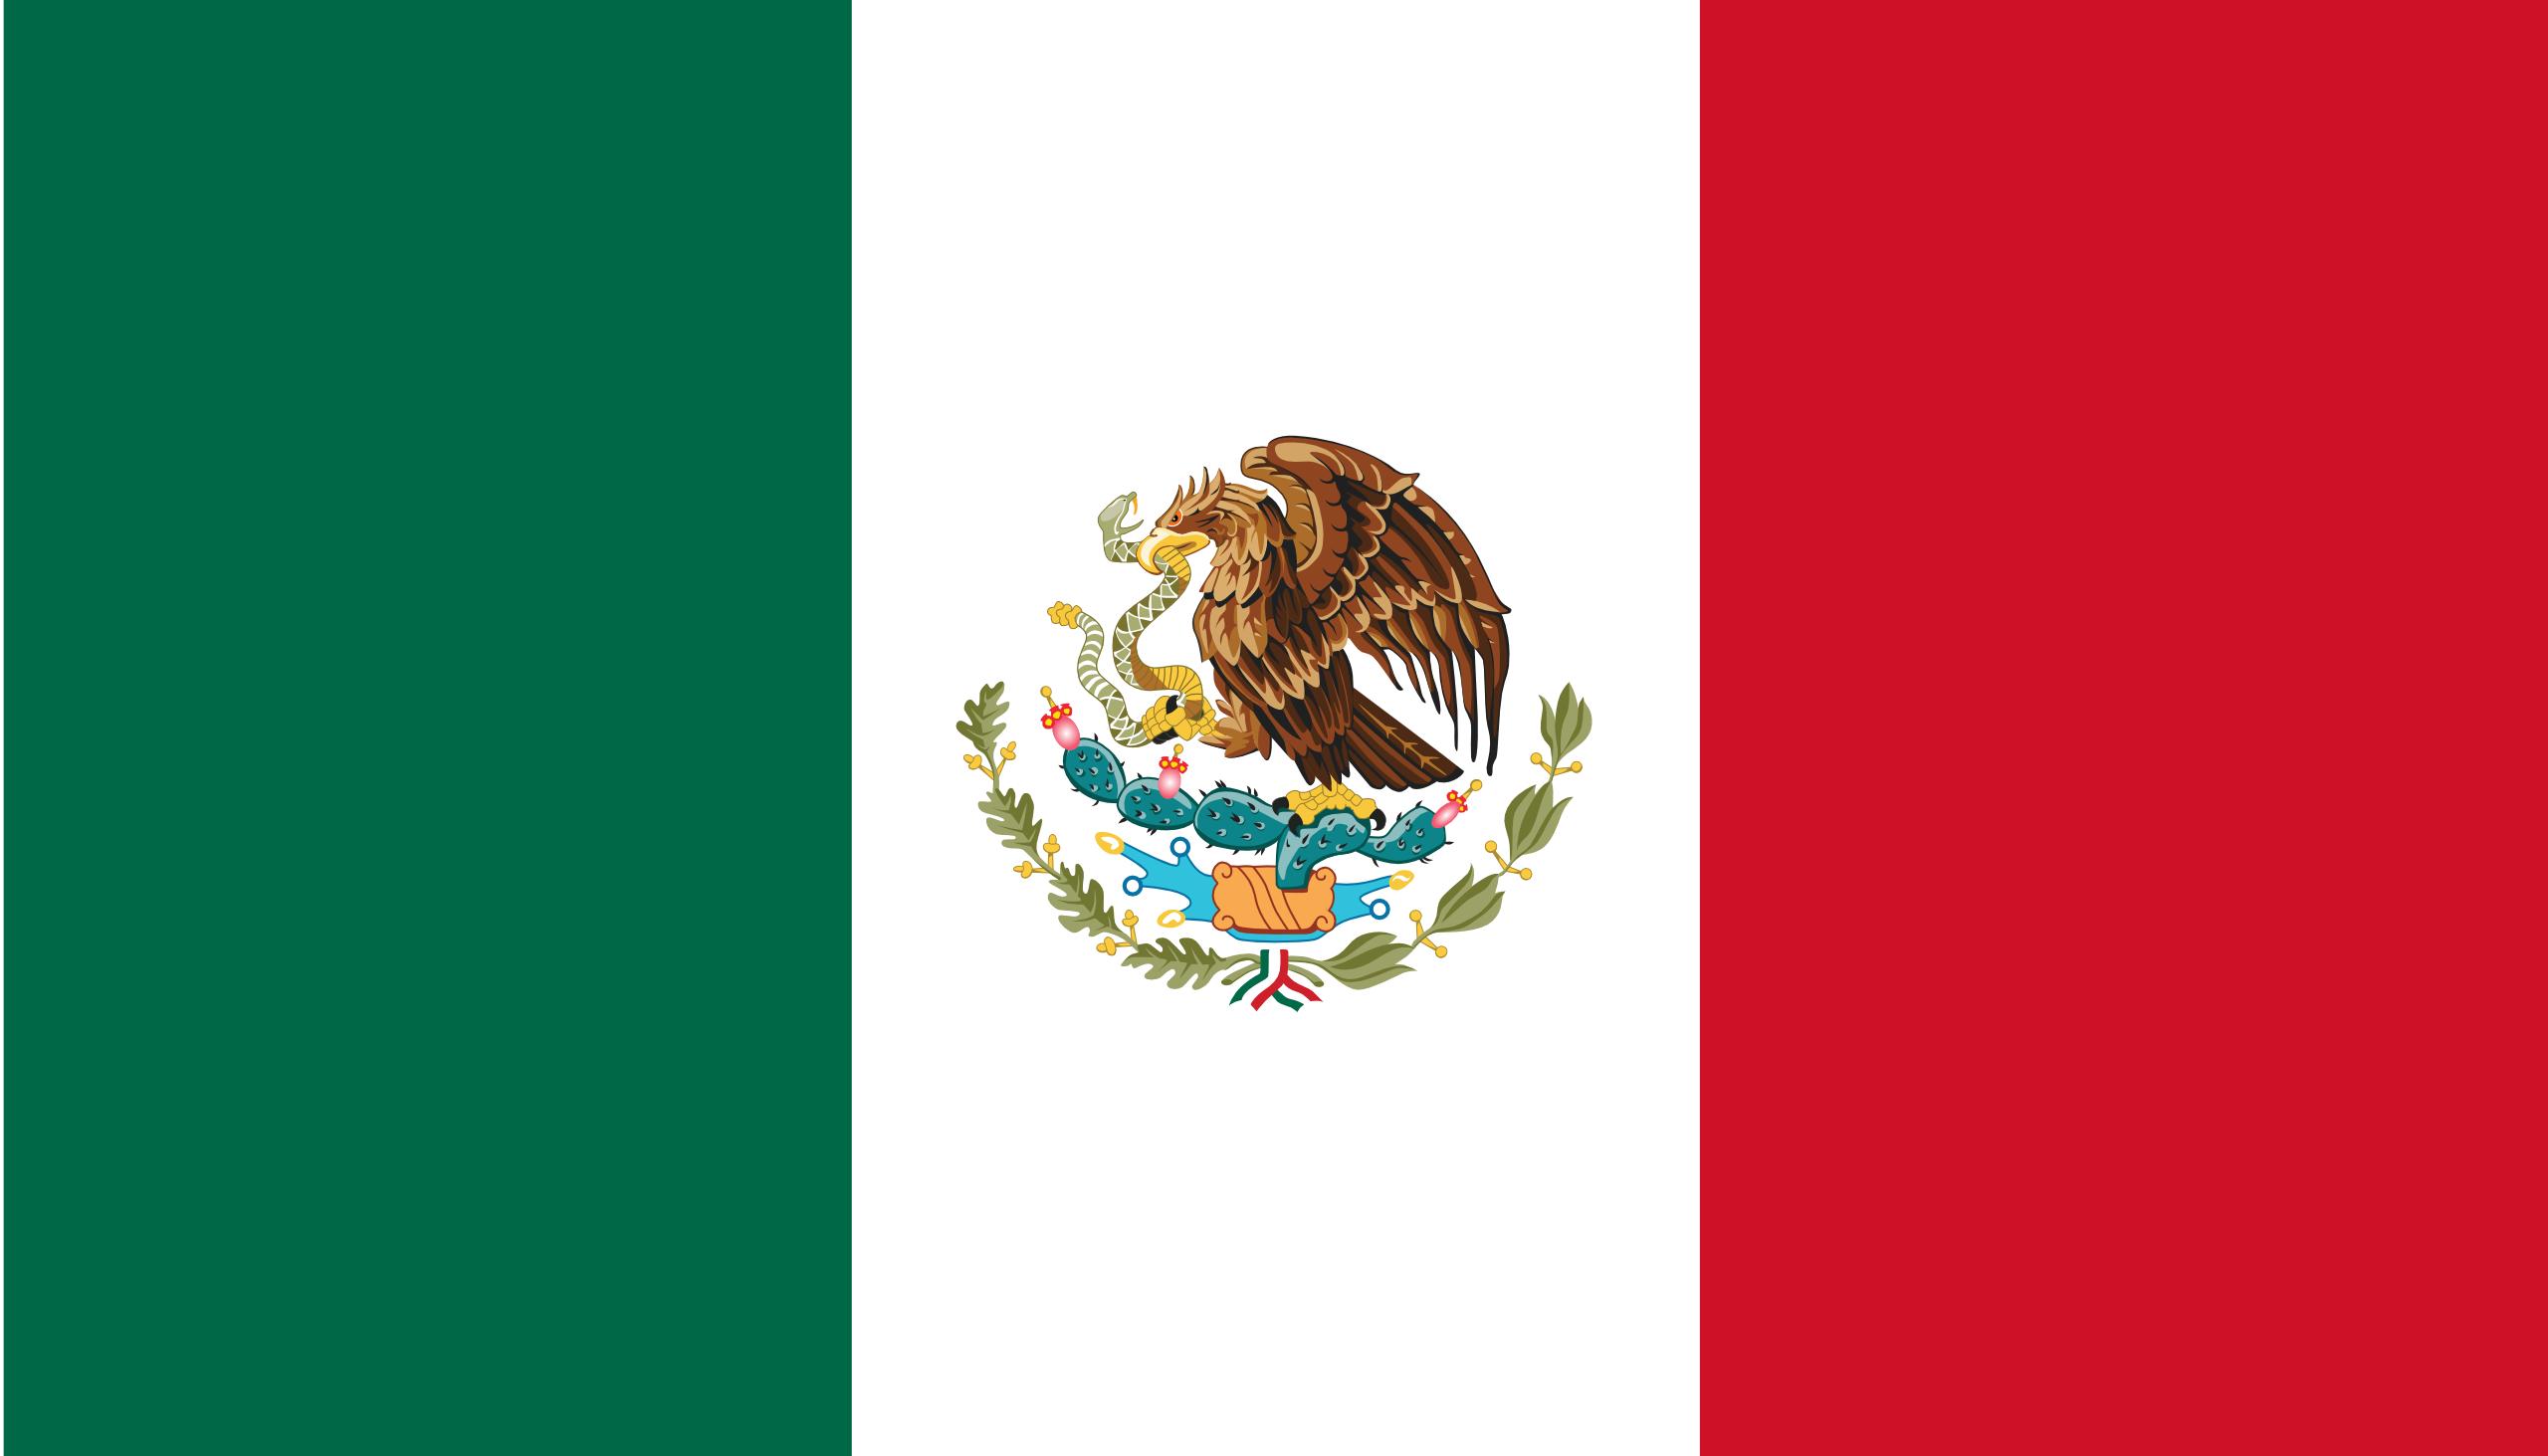 méxico, Land, Emblem, Logo, Symbol - Wallpaper HD - Prof.-falken.com